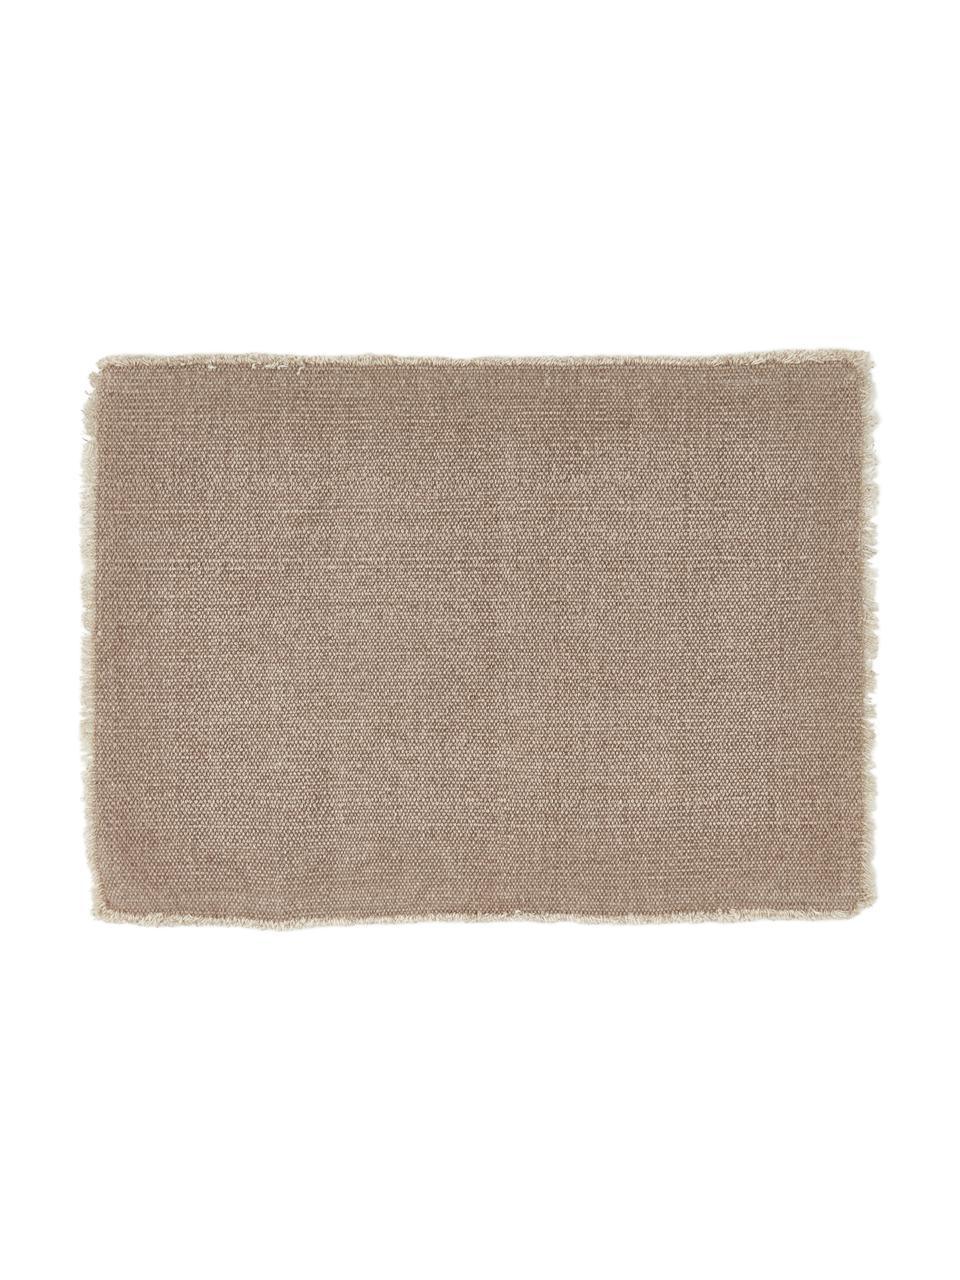 Baumwoll-Tischsets Edge in Beige, 6 Stück, 85% Baumwolle, 15% gemischte Fasern, Beige, 33 x 48 cm